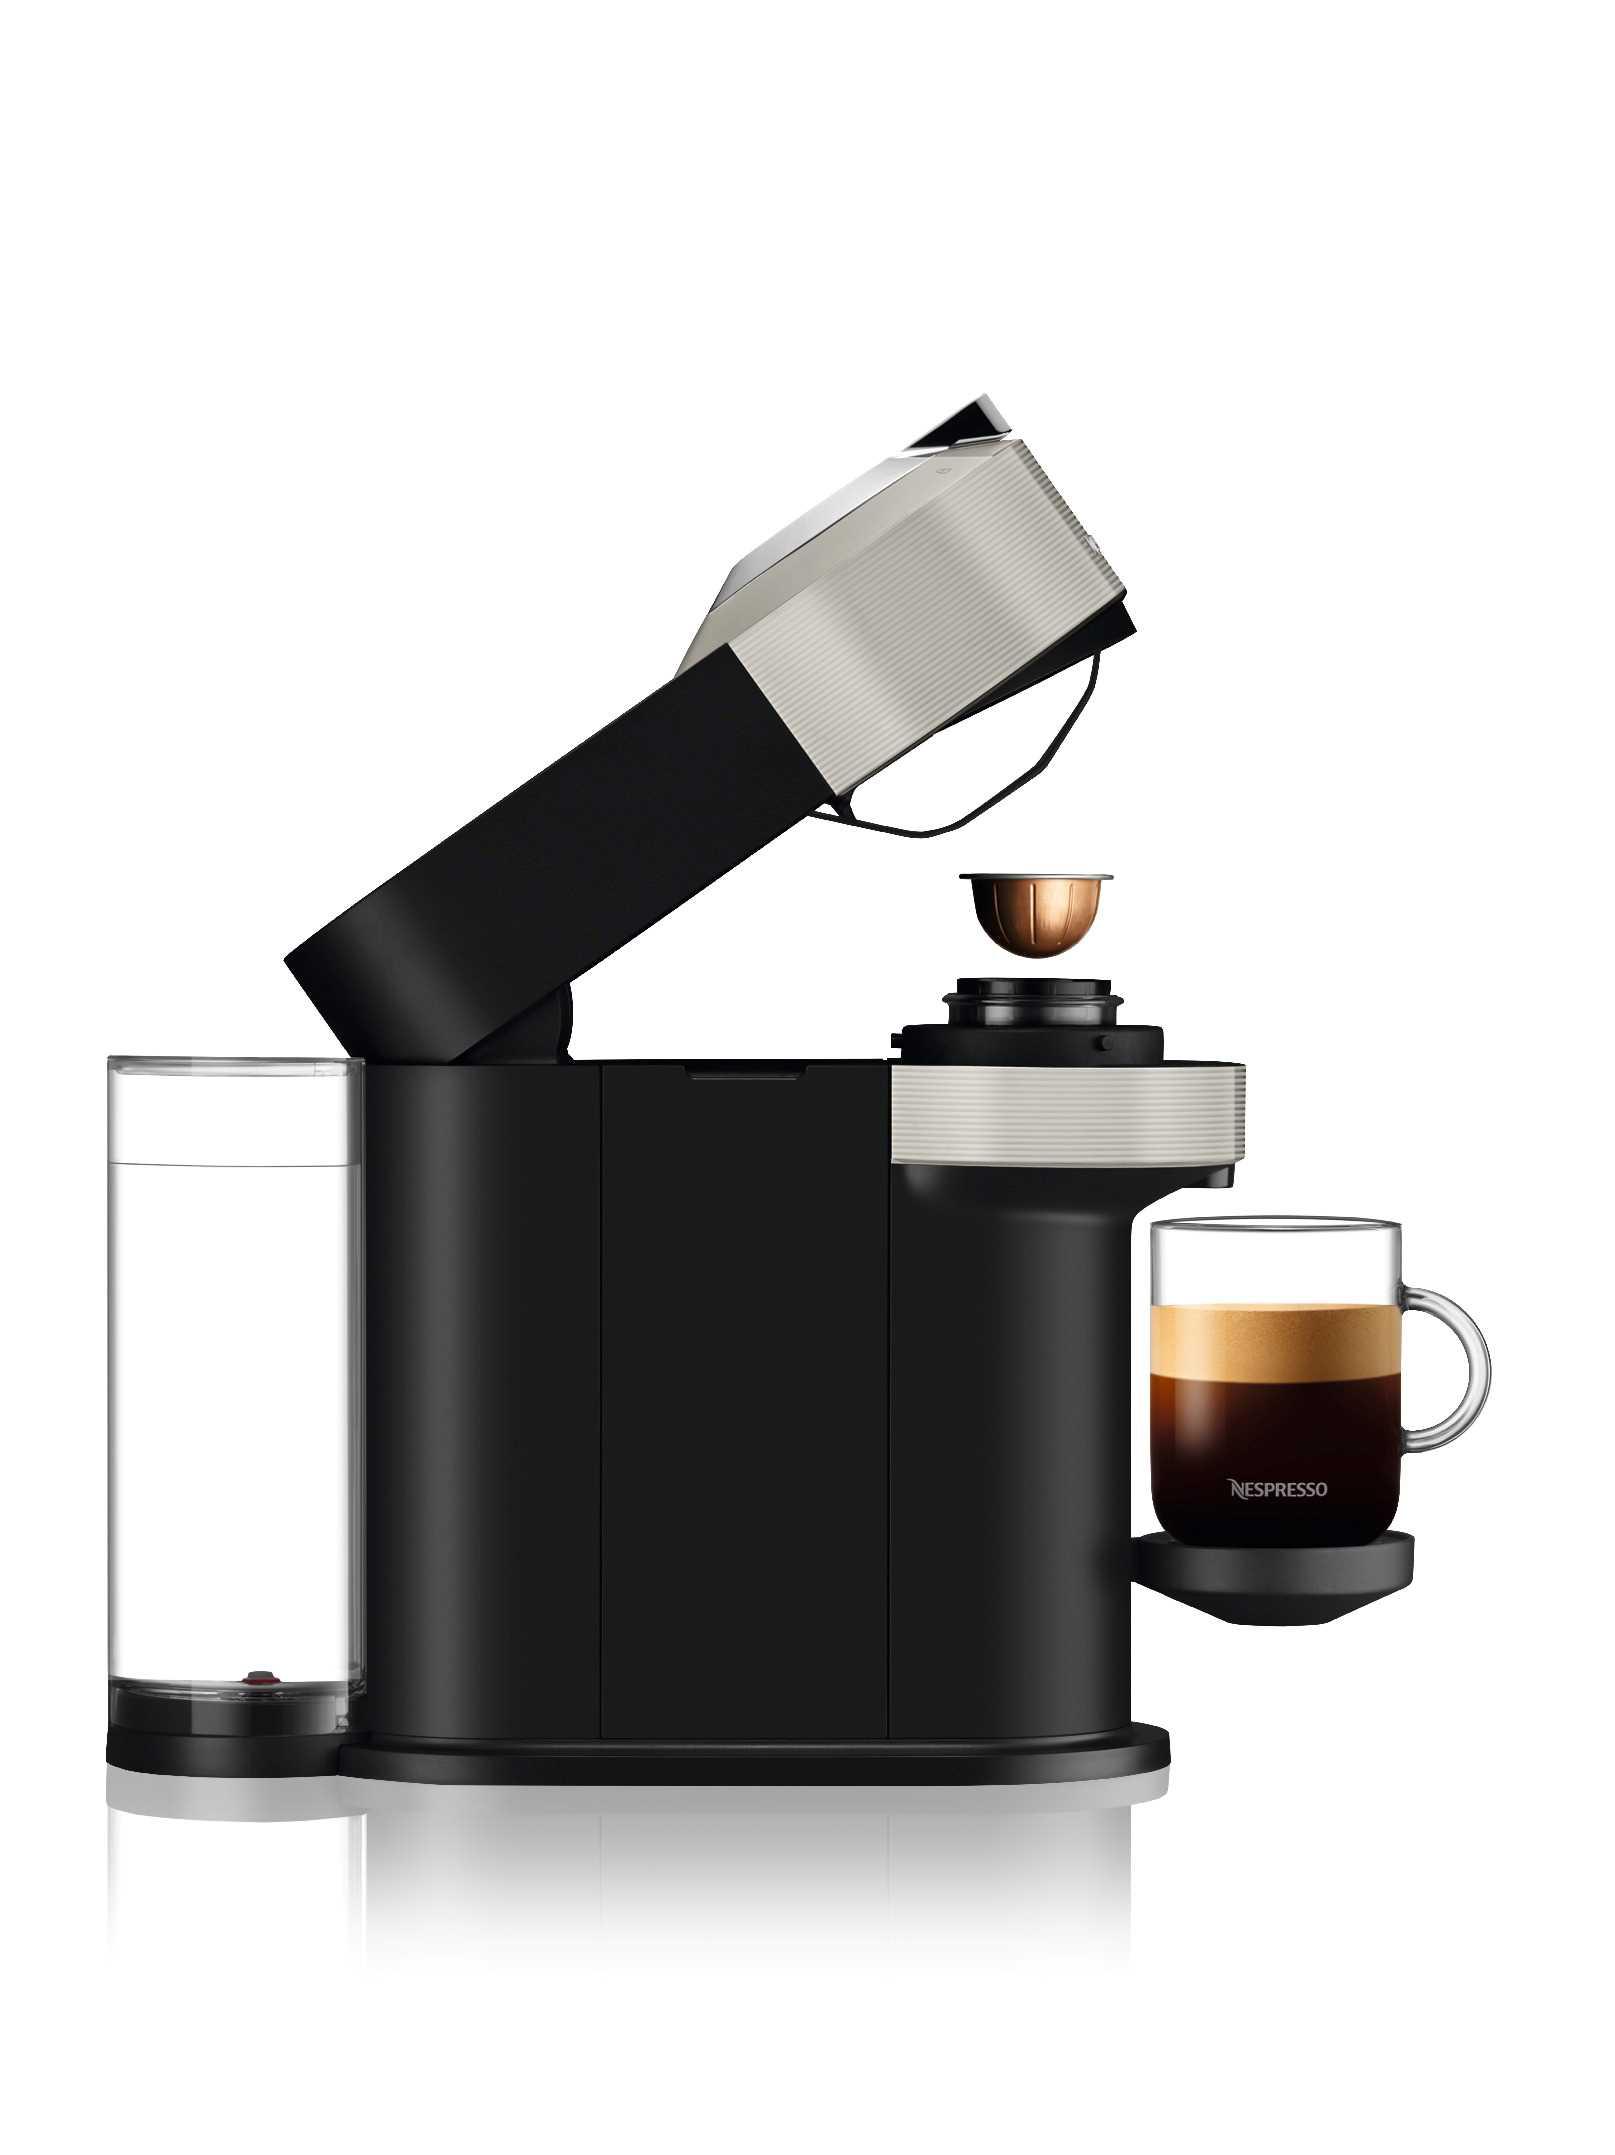 מכונת קפה NESPRESSO VertuoNext GCV1 אפור נספרסו - תמונה 4